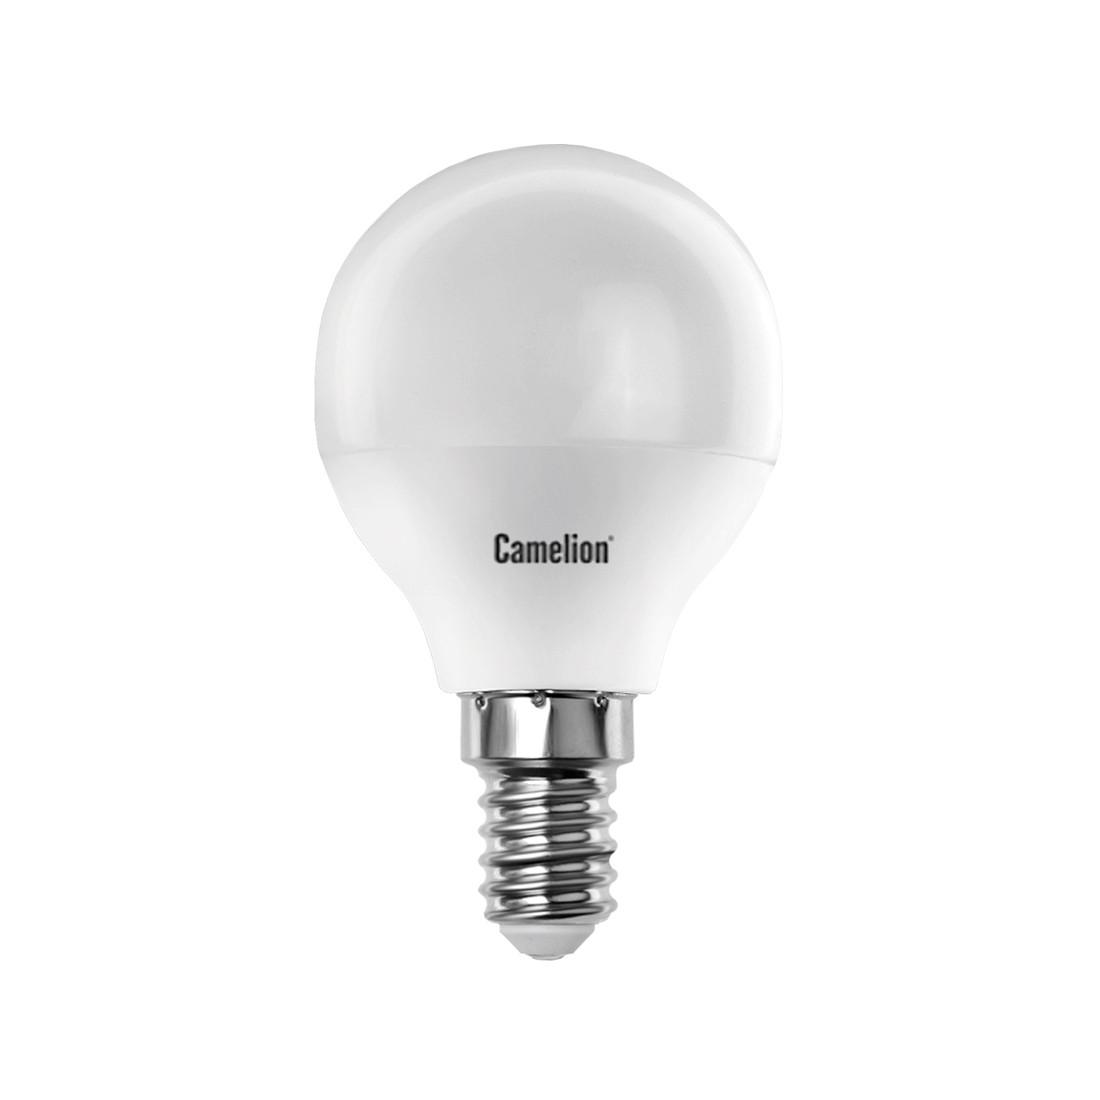 Эл. лампа светодиодная Camelion LED7-G45/865/E14, Дневной